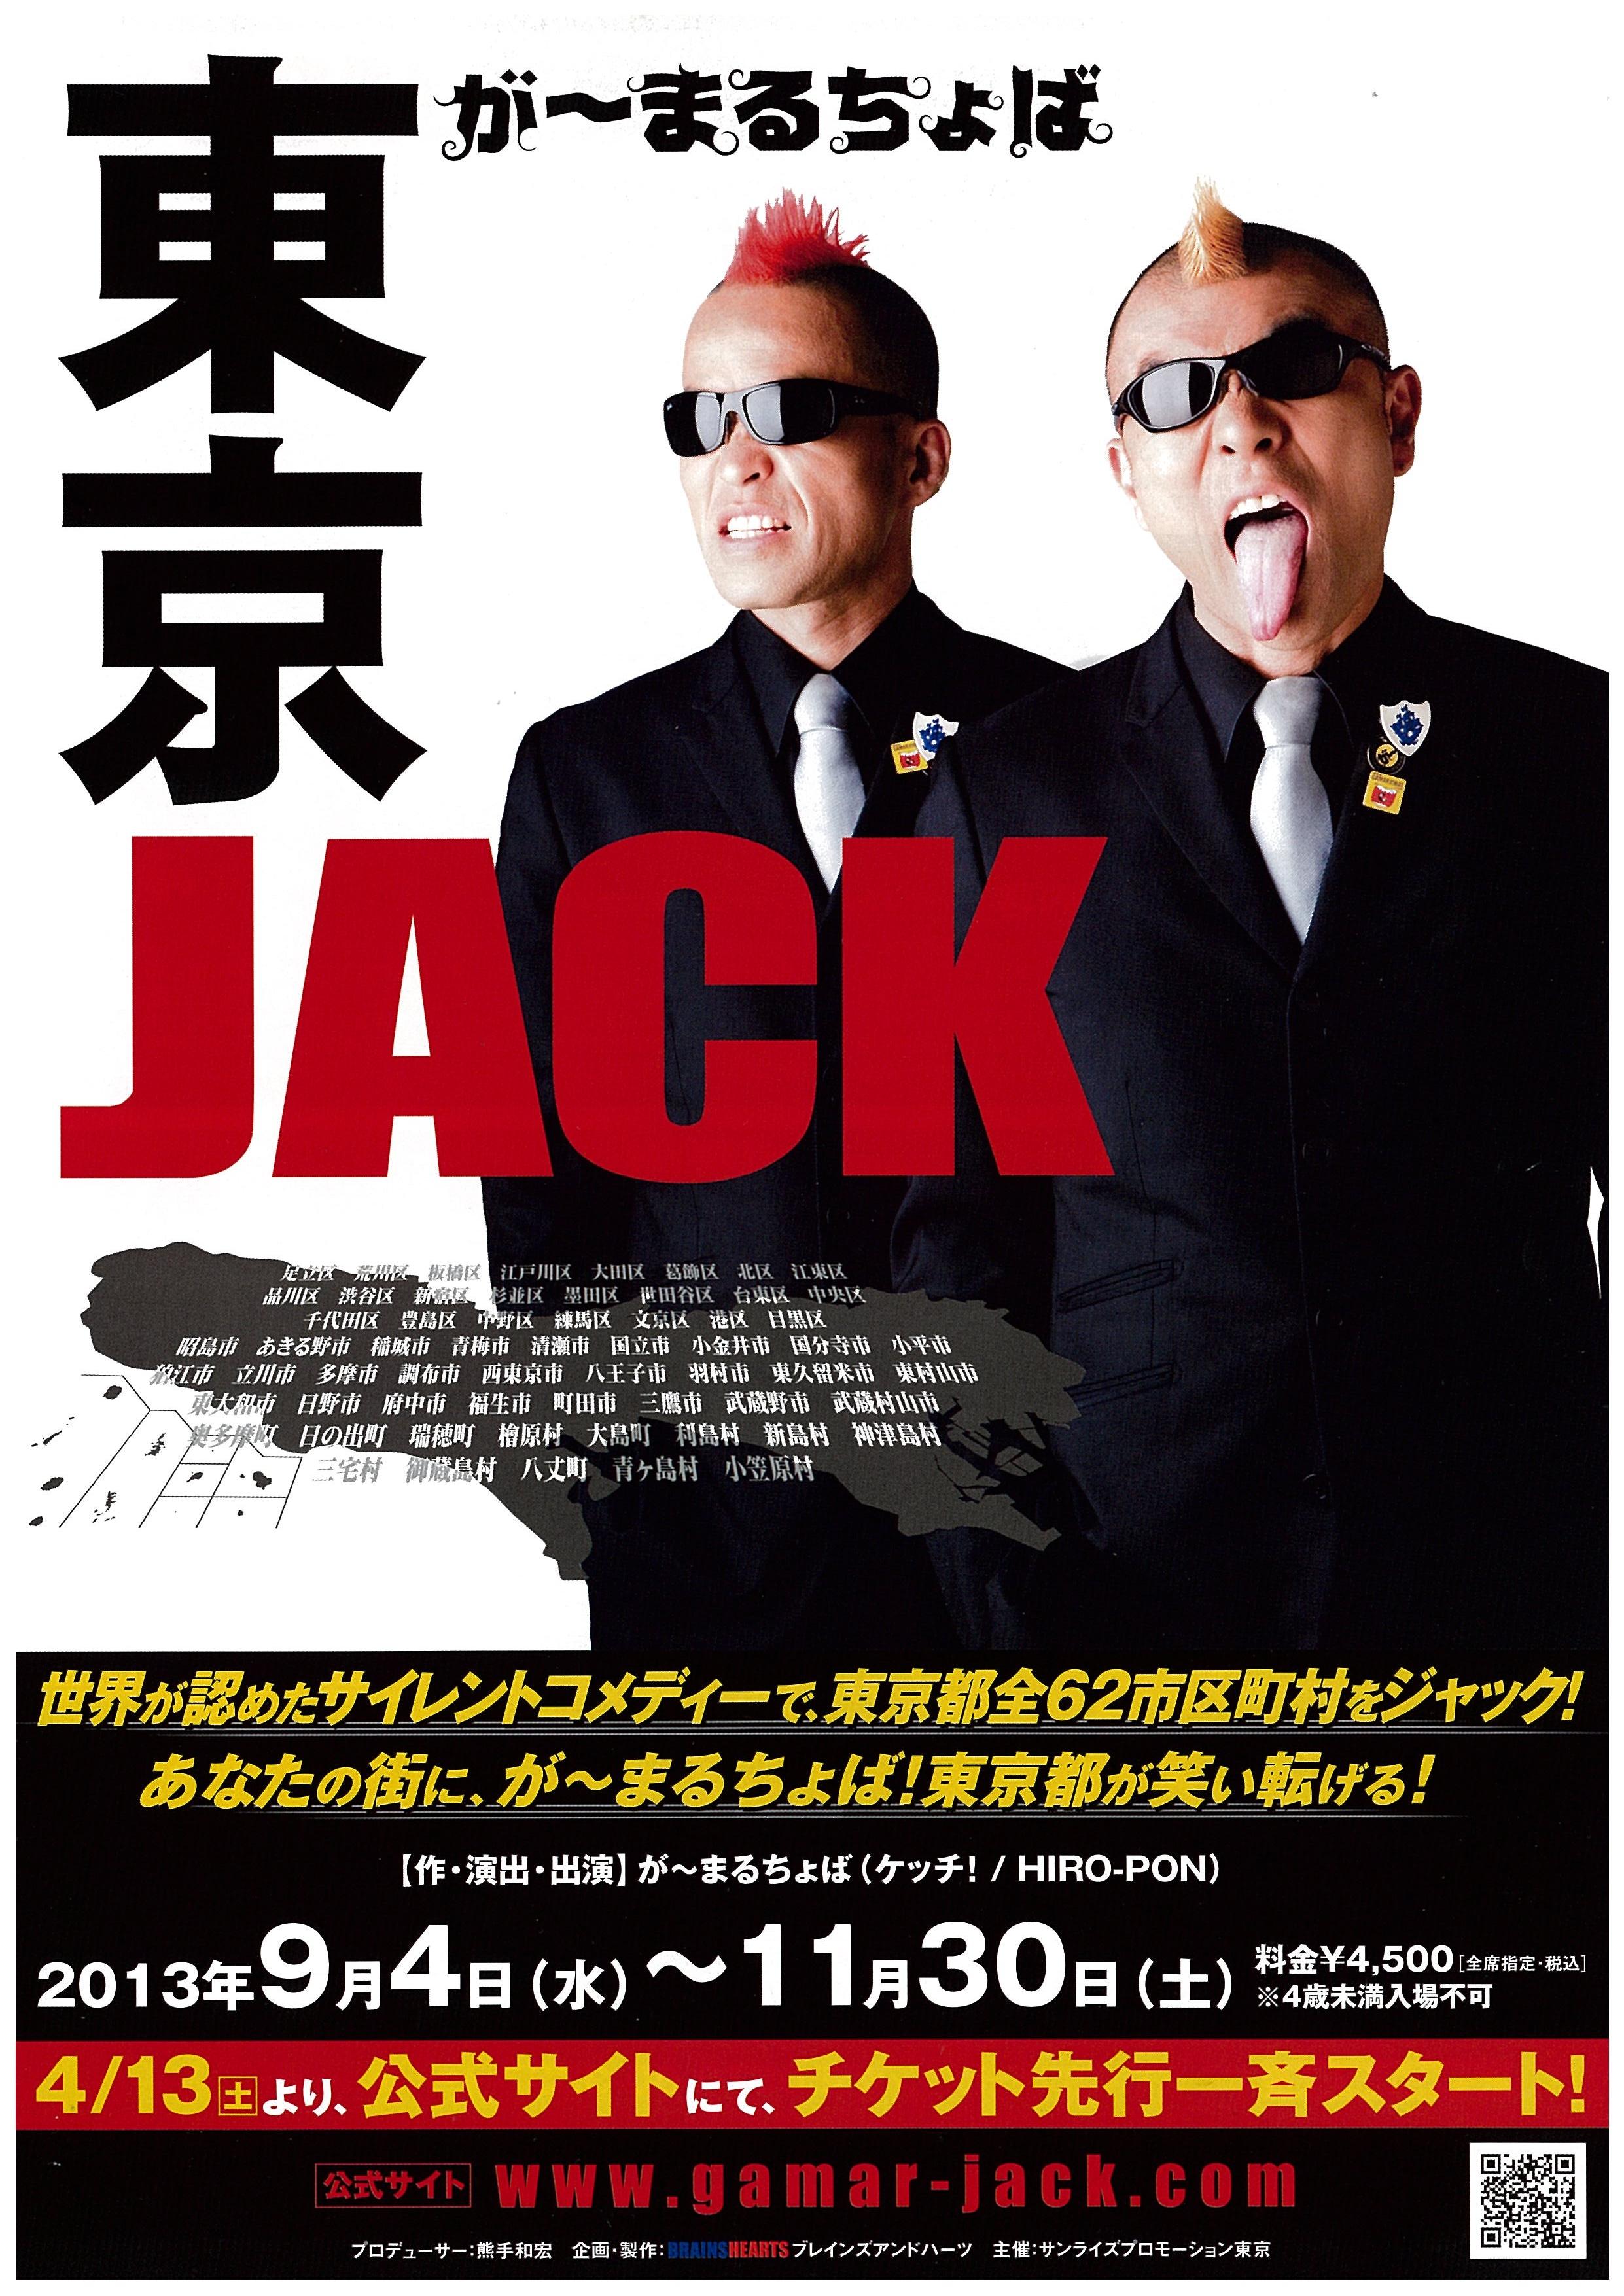 が~まるちょば 東京JACK